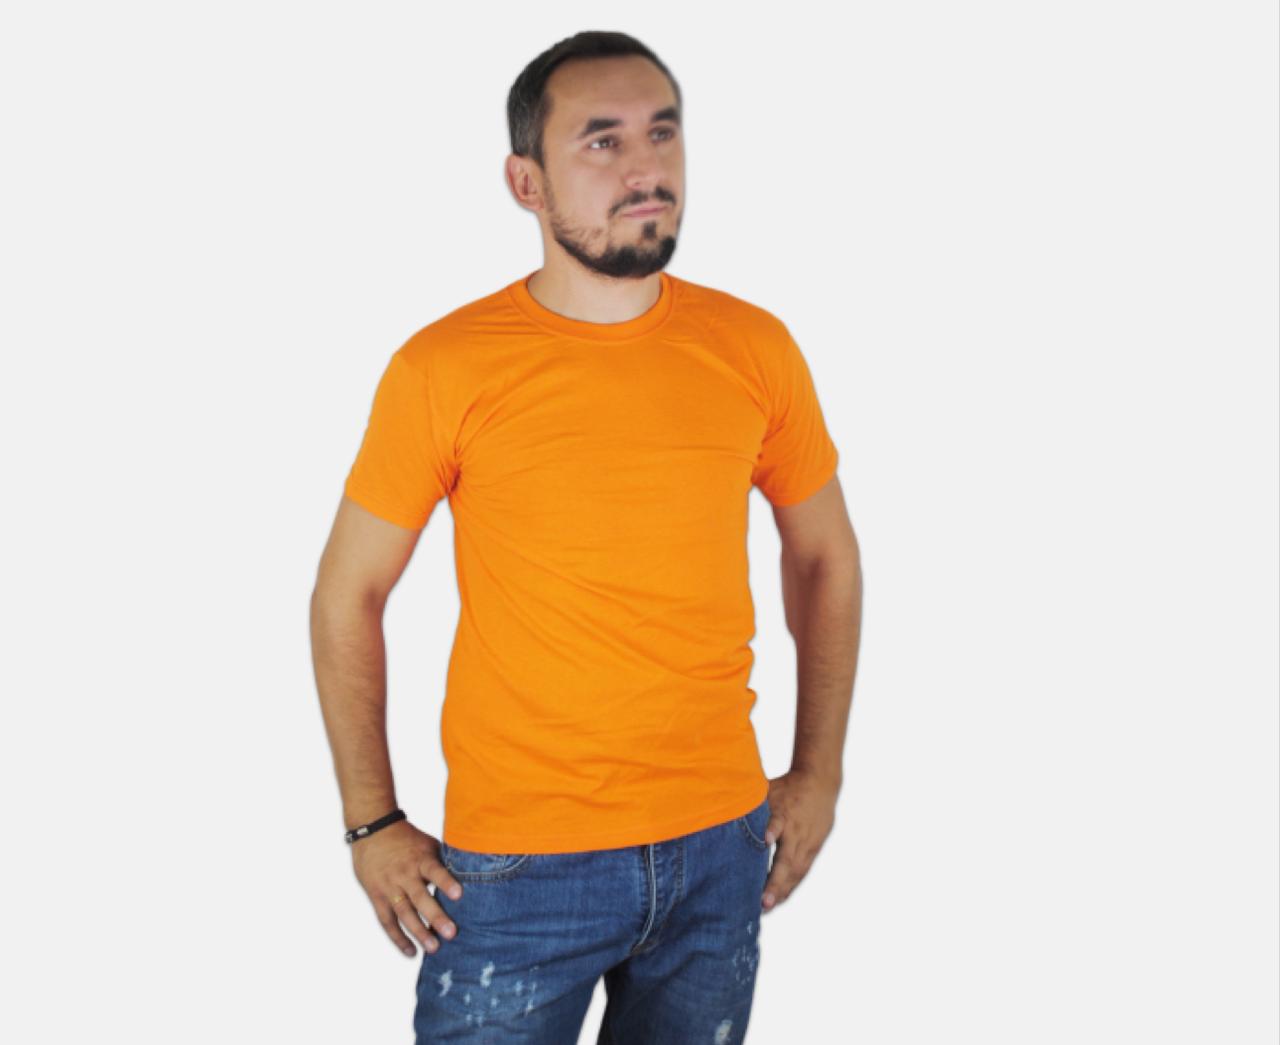 Мужская Футболка Классическая Fruit of the loom Оранжевый 61-036-44 Xl